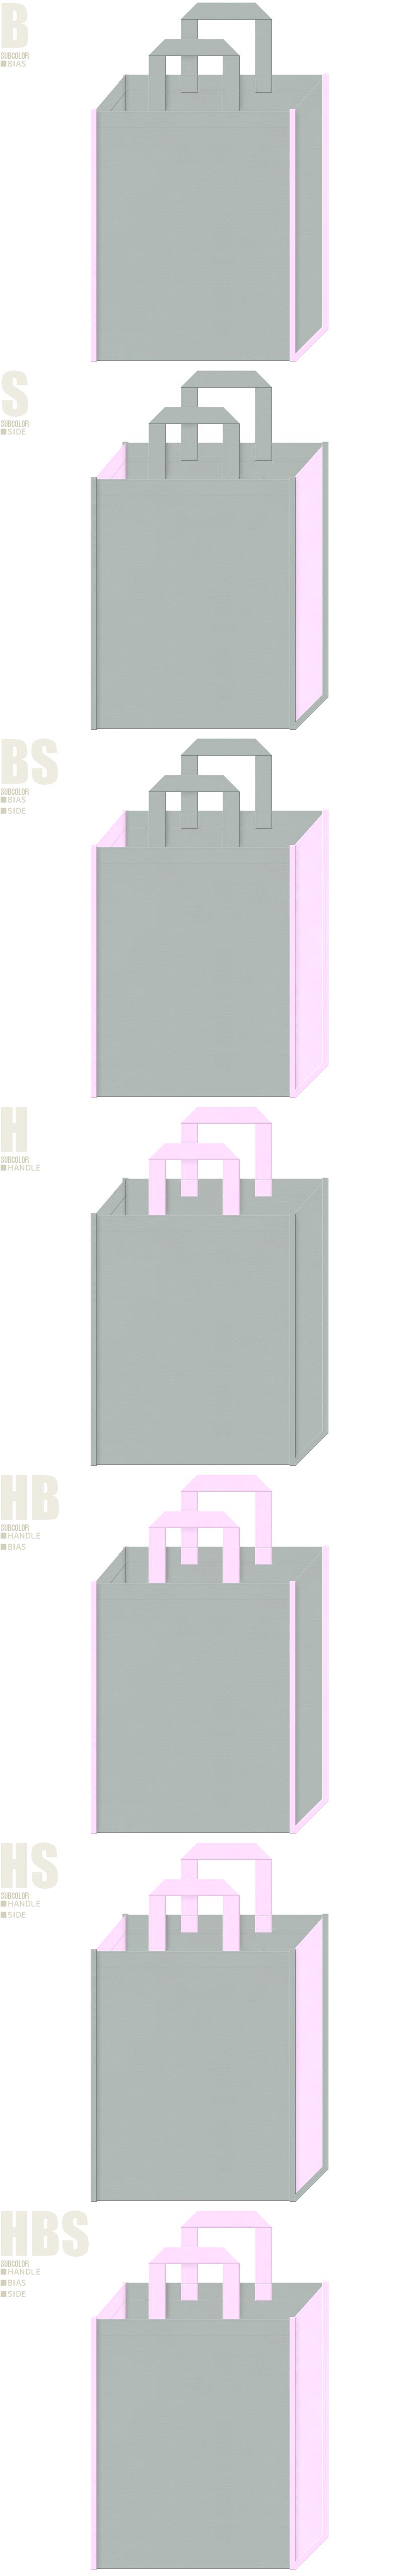 事務服の展示会用バッグにお奨めの不織布バッグデザイン:グレー色と明るいピンク色の配色7パターン